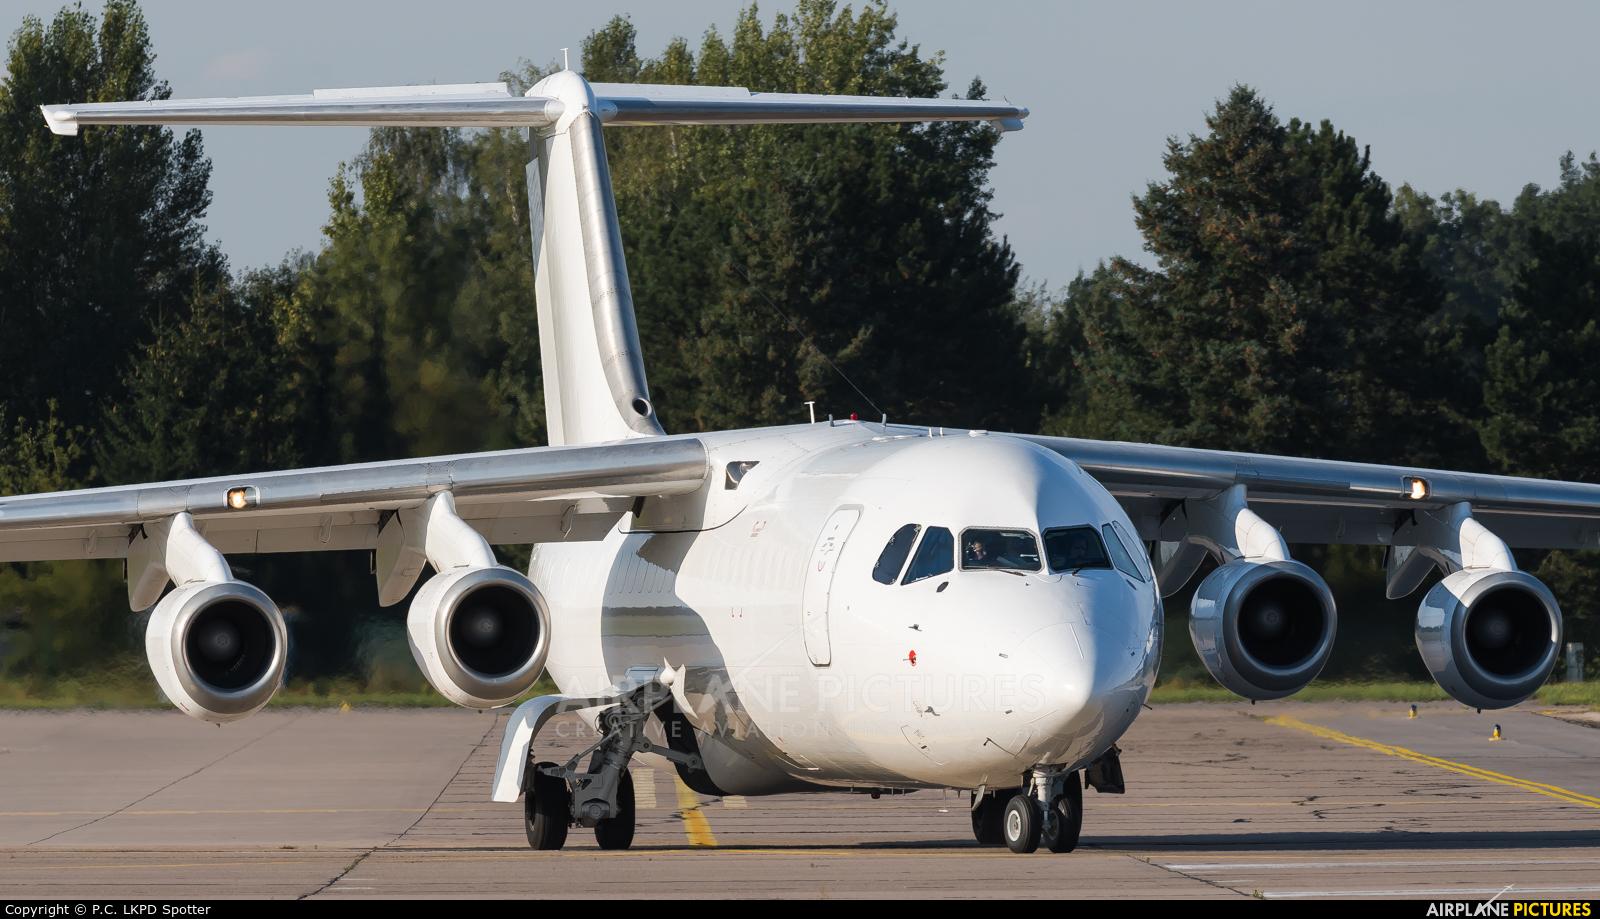 Jota Aviation G-JOTD aircraft at Pardubice